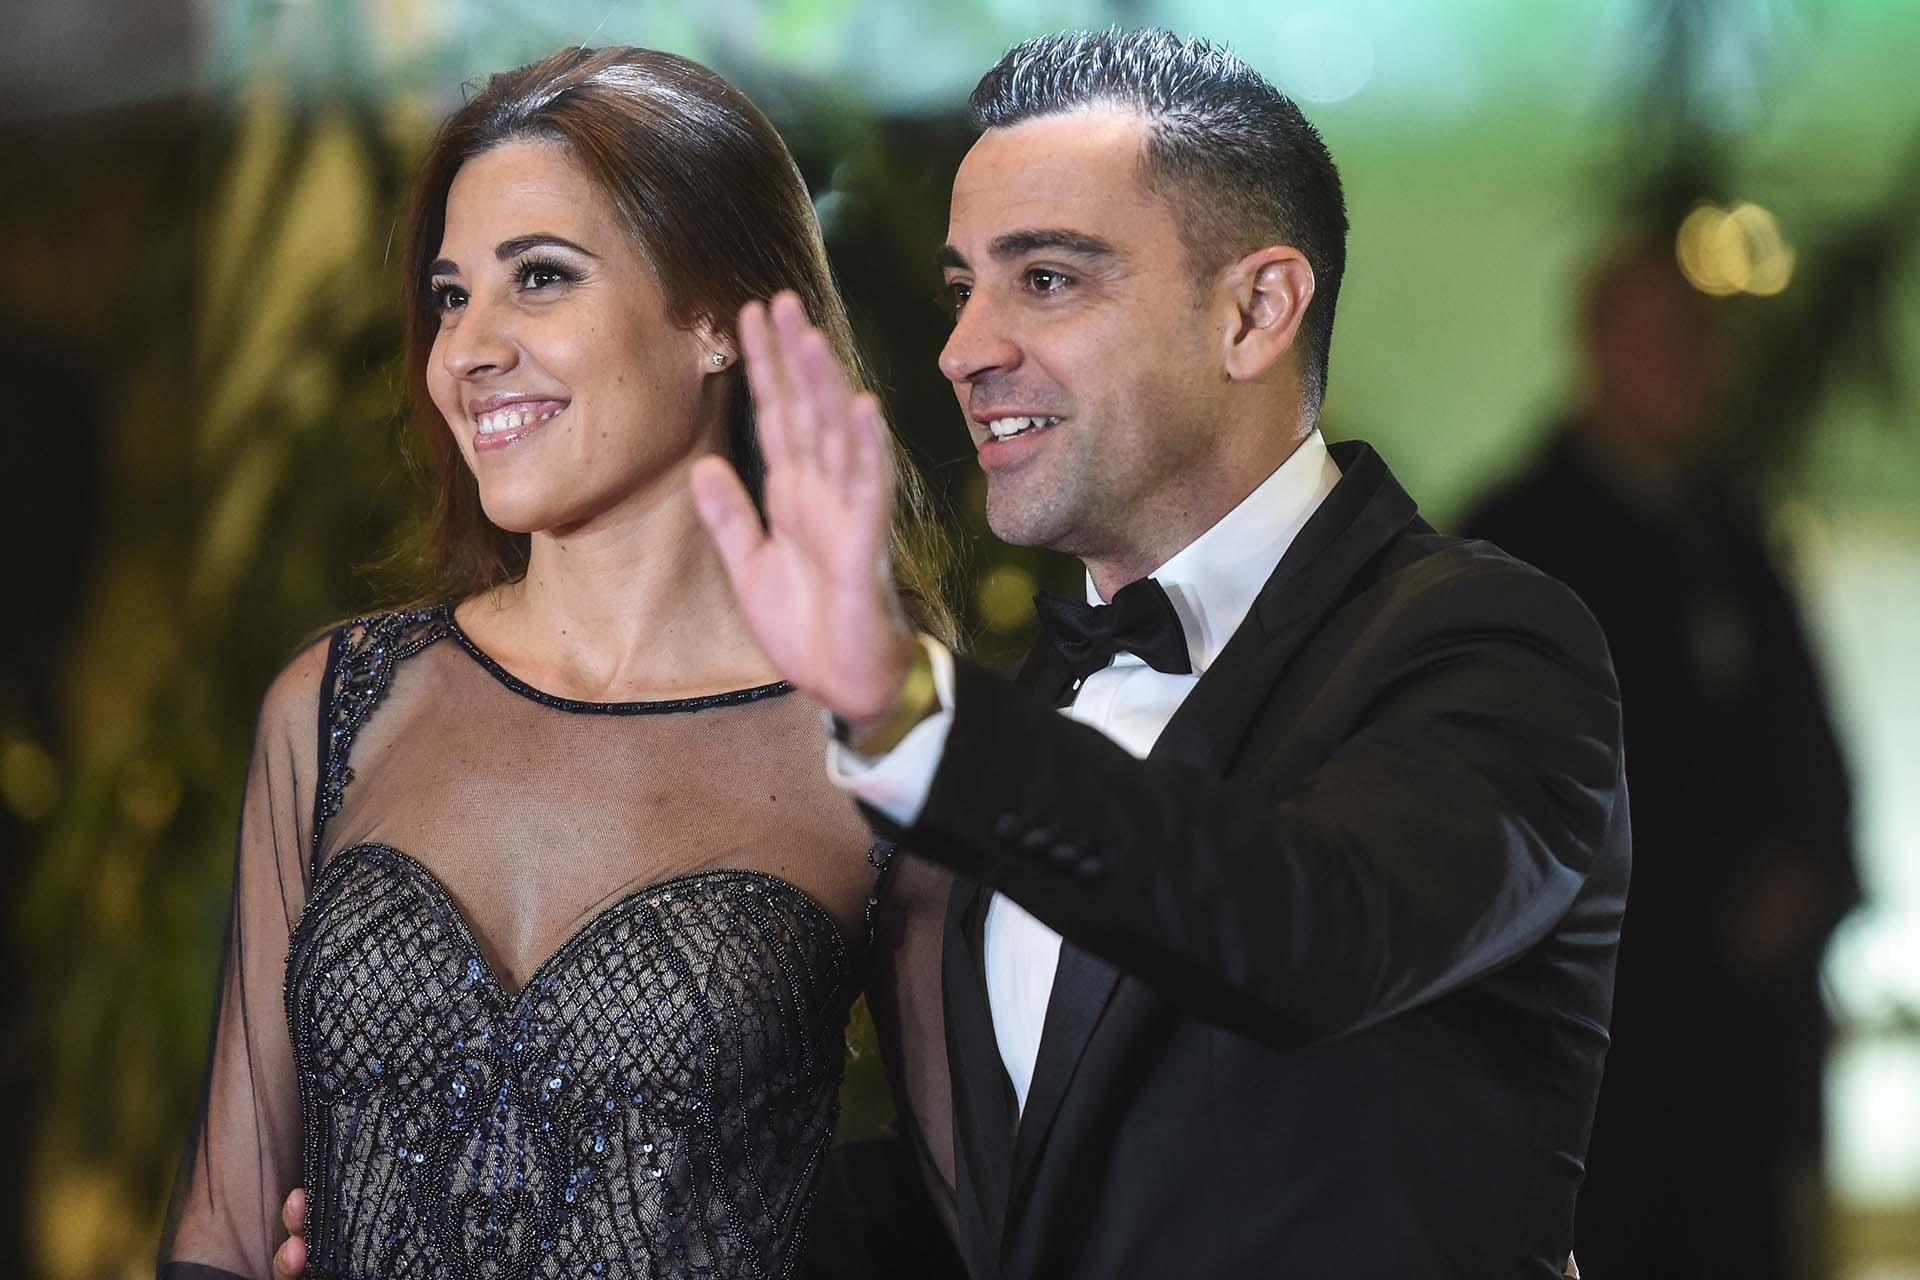 Hernández, futbolista del AlSaad Sports Club de Qatar, es padre de una hija junto a su esposa